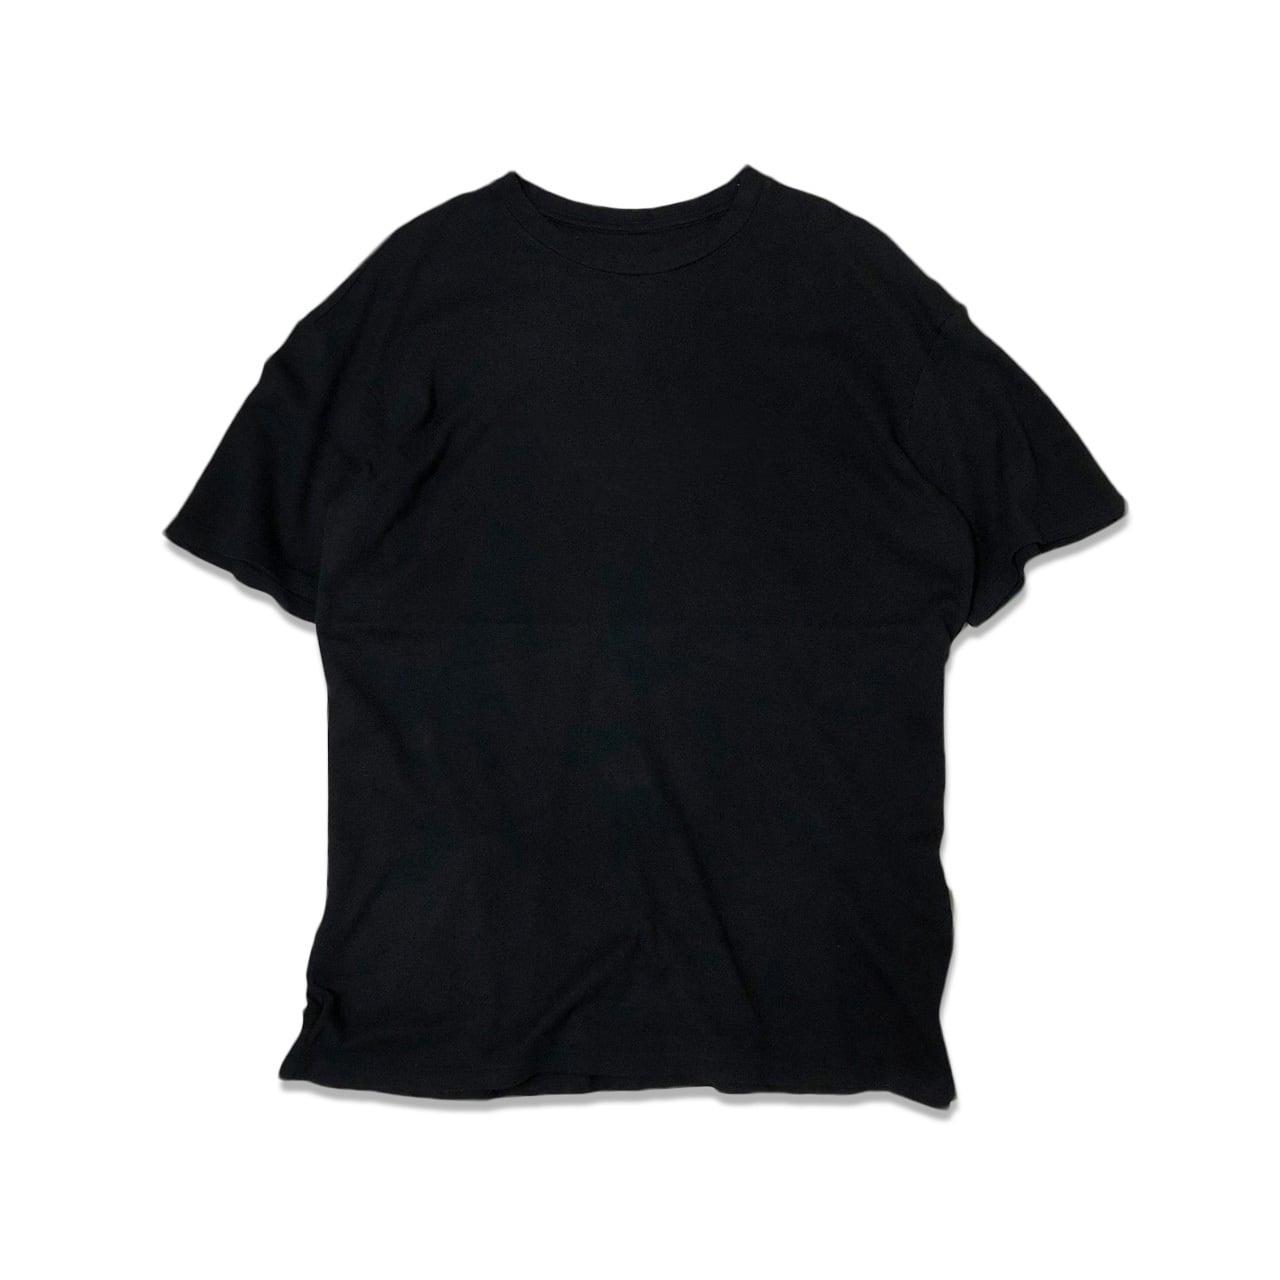 オーガニックコットン BIG Tシャツ (無地)【予約受付終了】